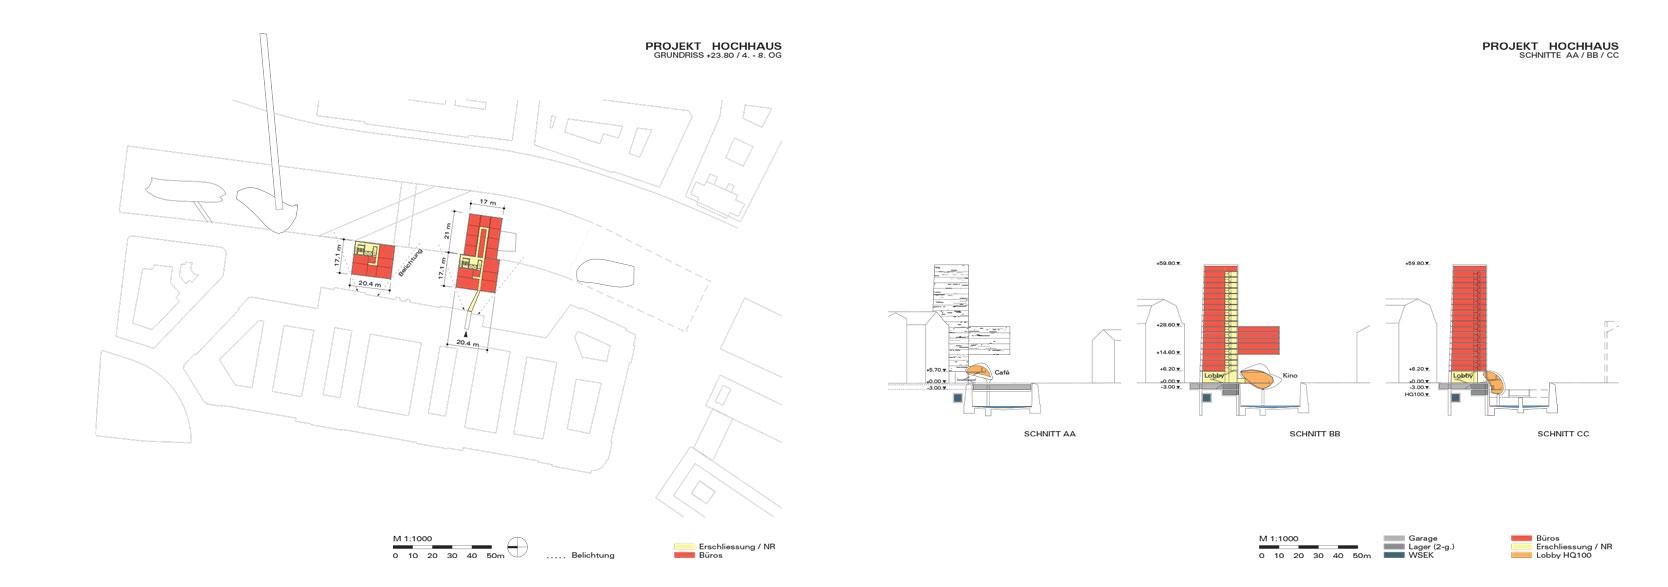 Wienfluss Architektur: Plan/Sections High-rise building